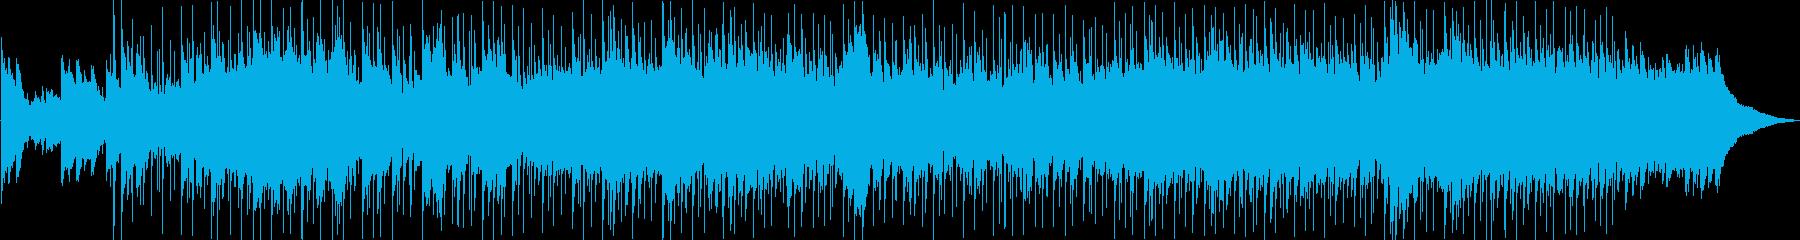 ピアノのメロディー、流れるようなオ...の再生済みの波形